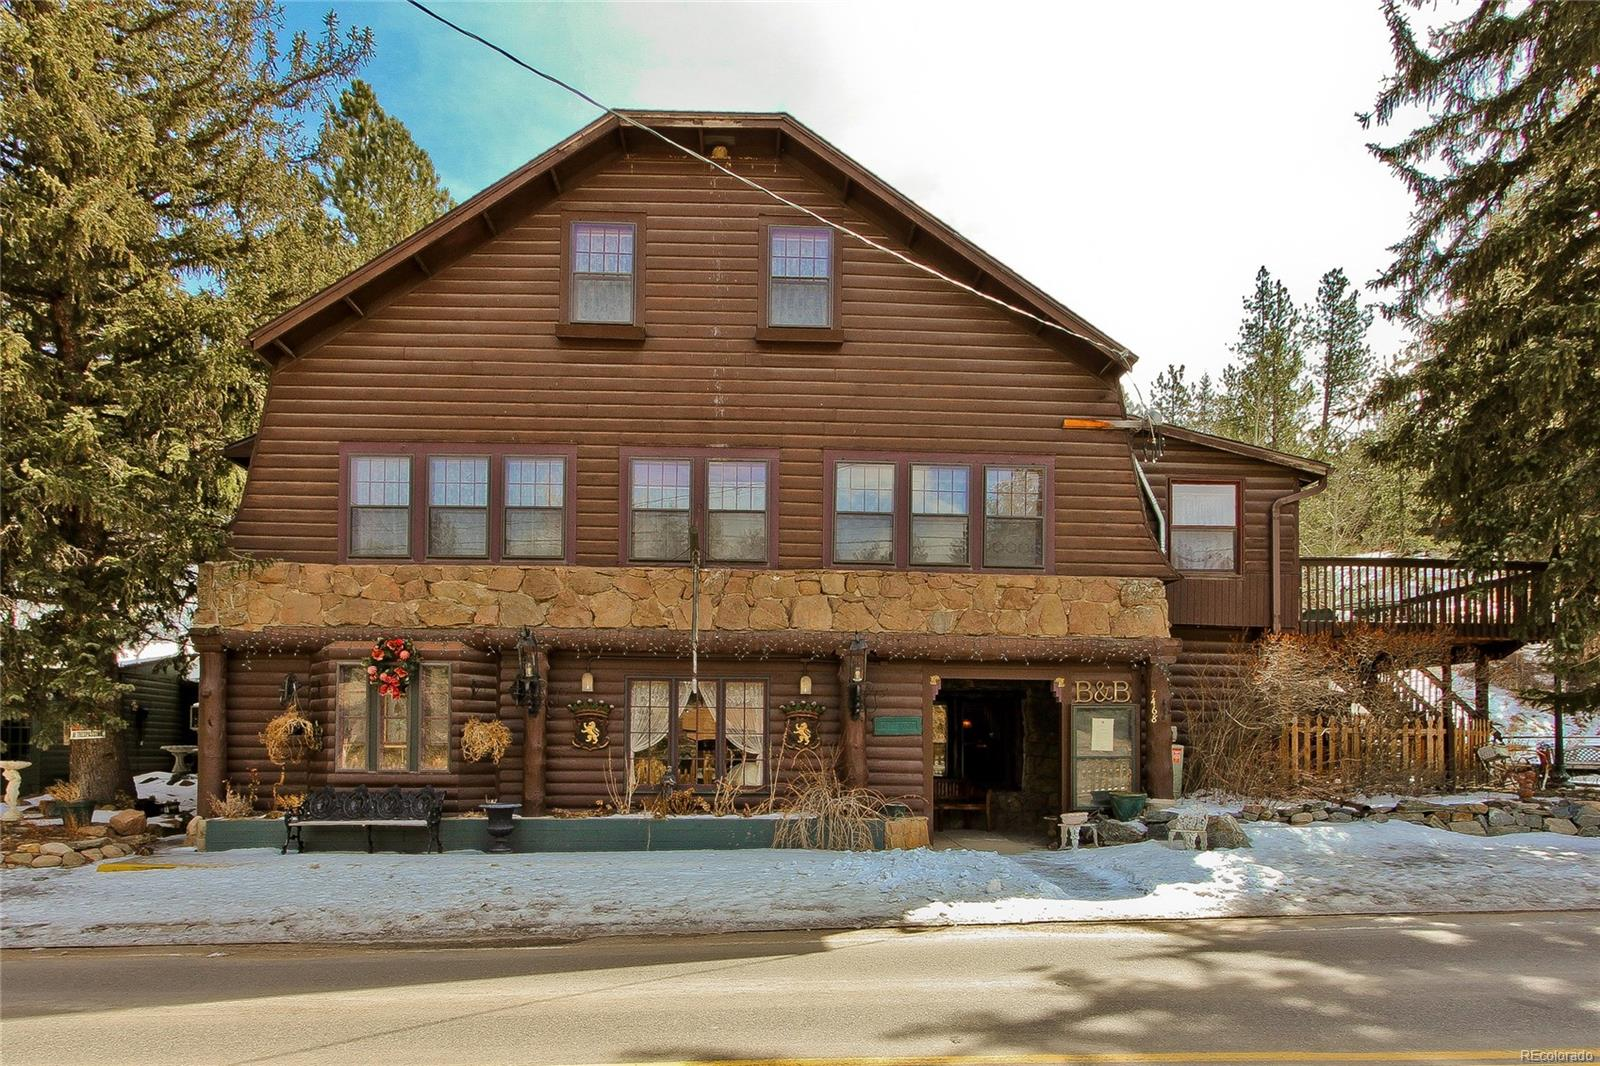 7468 County Road 43, Glen Haven, CO 80532 - Glen Haven, CO real estate listing